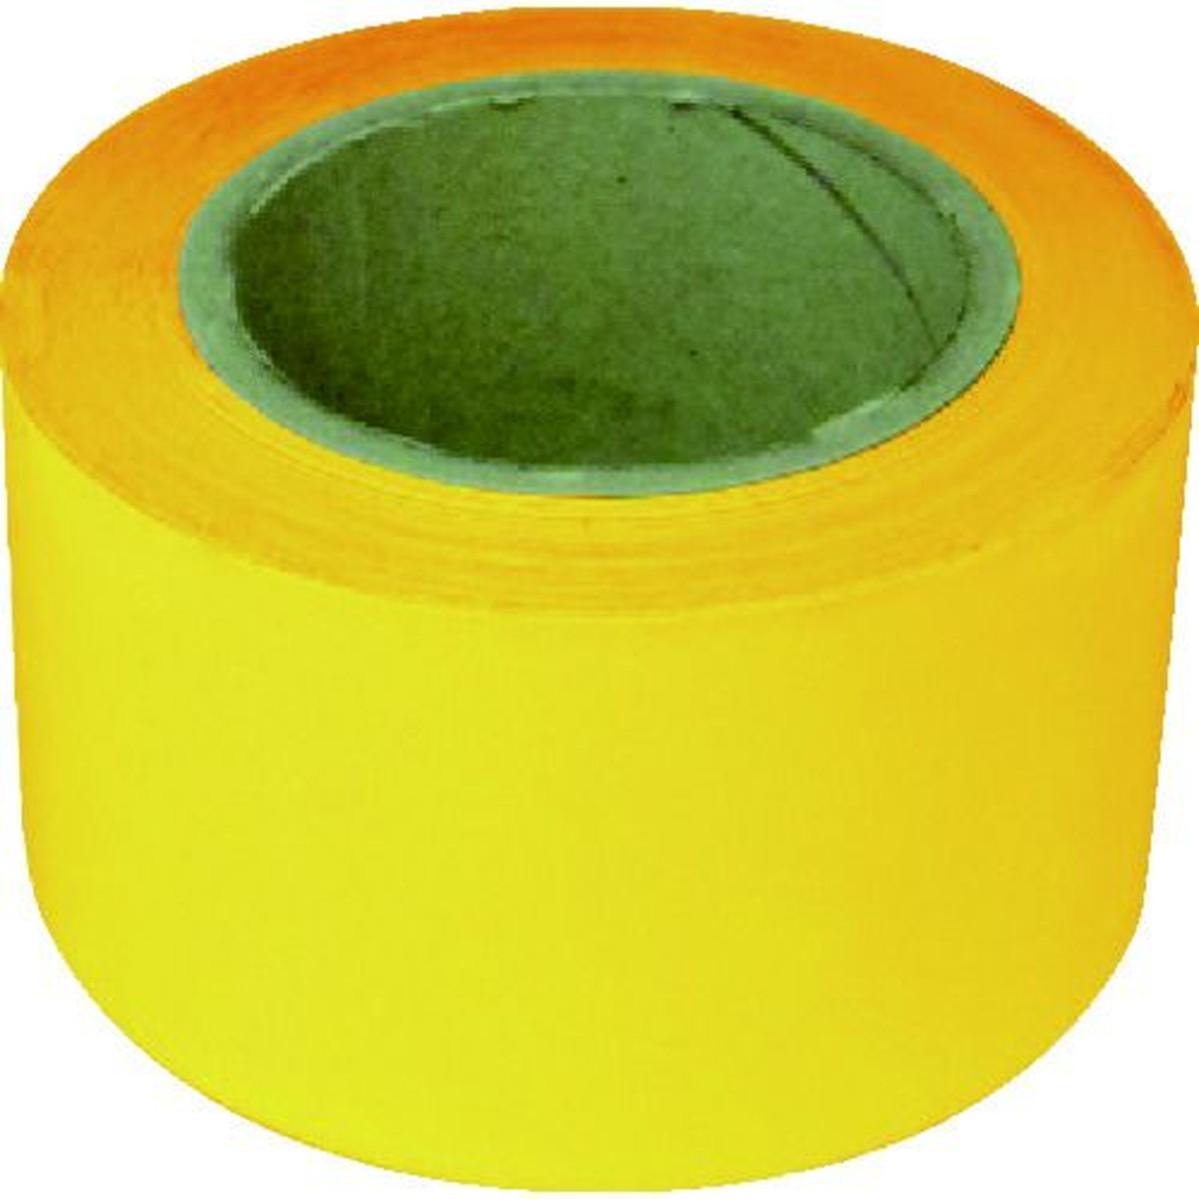 【海外輸入】 新富士 1巻 黄(幅70MM×長さ20M) 業務用超強力ラインテープ 黄(幅70MM×長さ20M) 業務用超強力ラインテープ 1巻, 小さな石屋さん:7d4c2b16 --- lebronjamesshoes.com.co